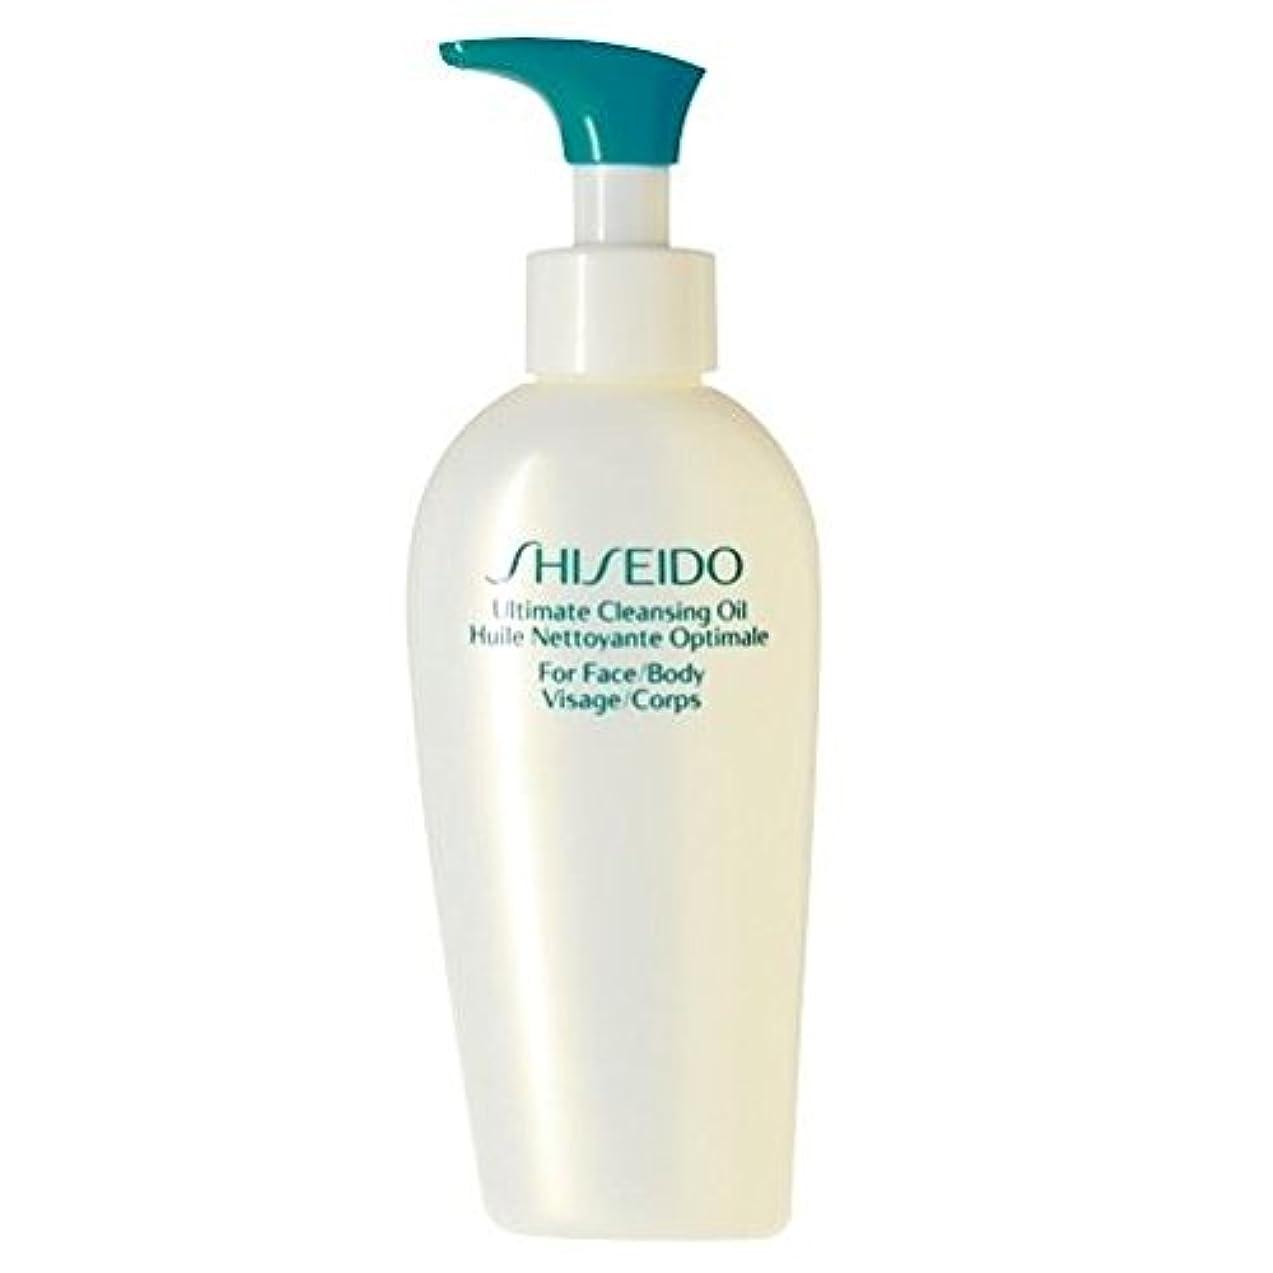 を通してリラックスした山岳[Shiseido] 資生堂究極のクレンジングオイル、150ミリリットル - Shiseido Ultimate Cleansing Oil, 150ml [並行輸入品]